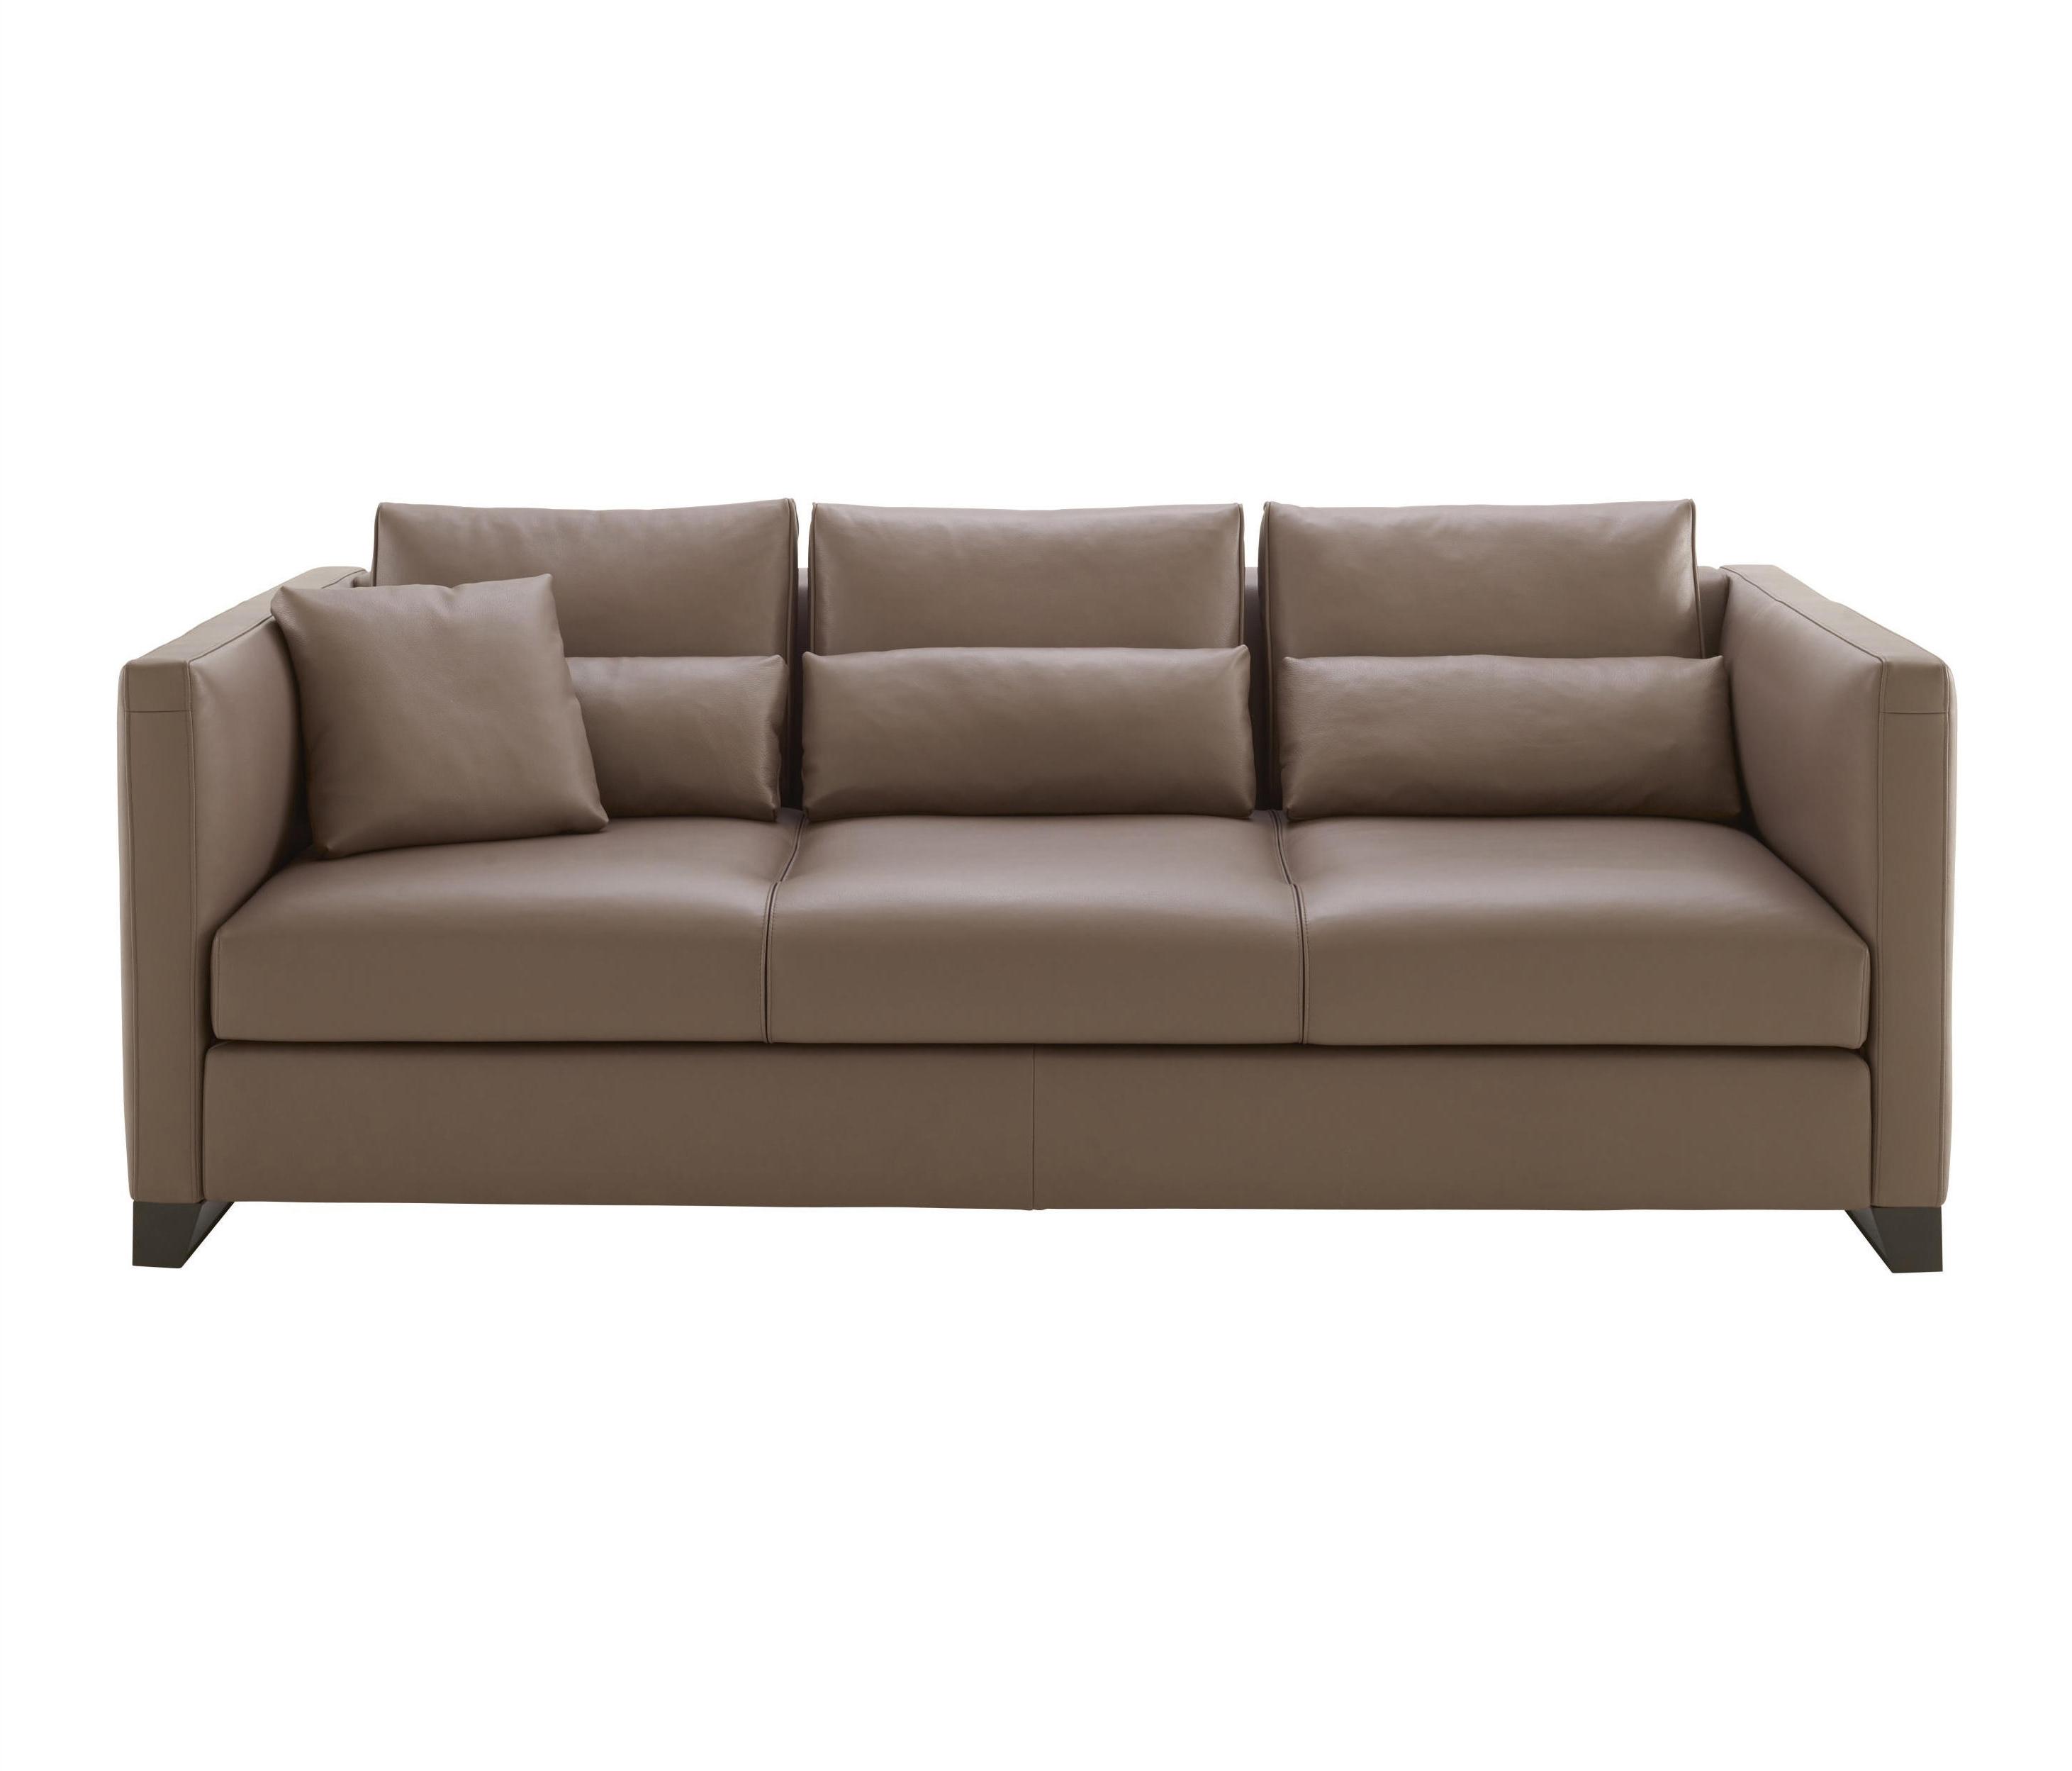 Sofas Con Patas Altas Txdf Estienne sofa 3 Plazas Patas Altas De Acero Articulo Pleto